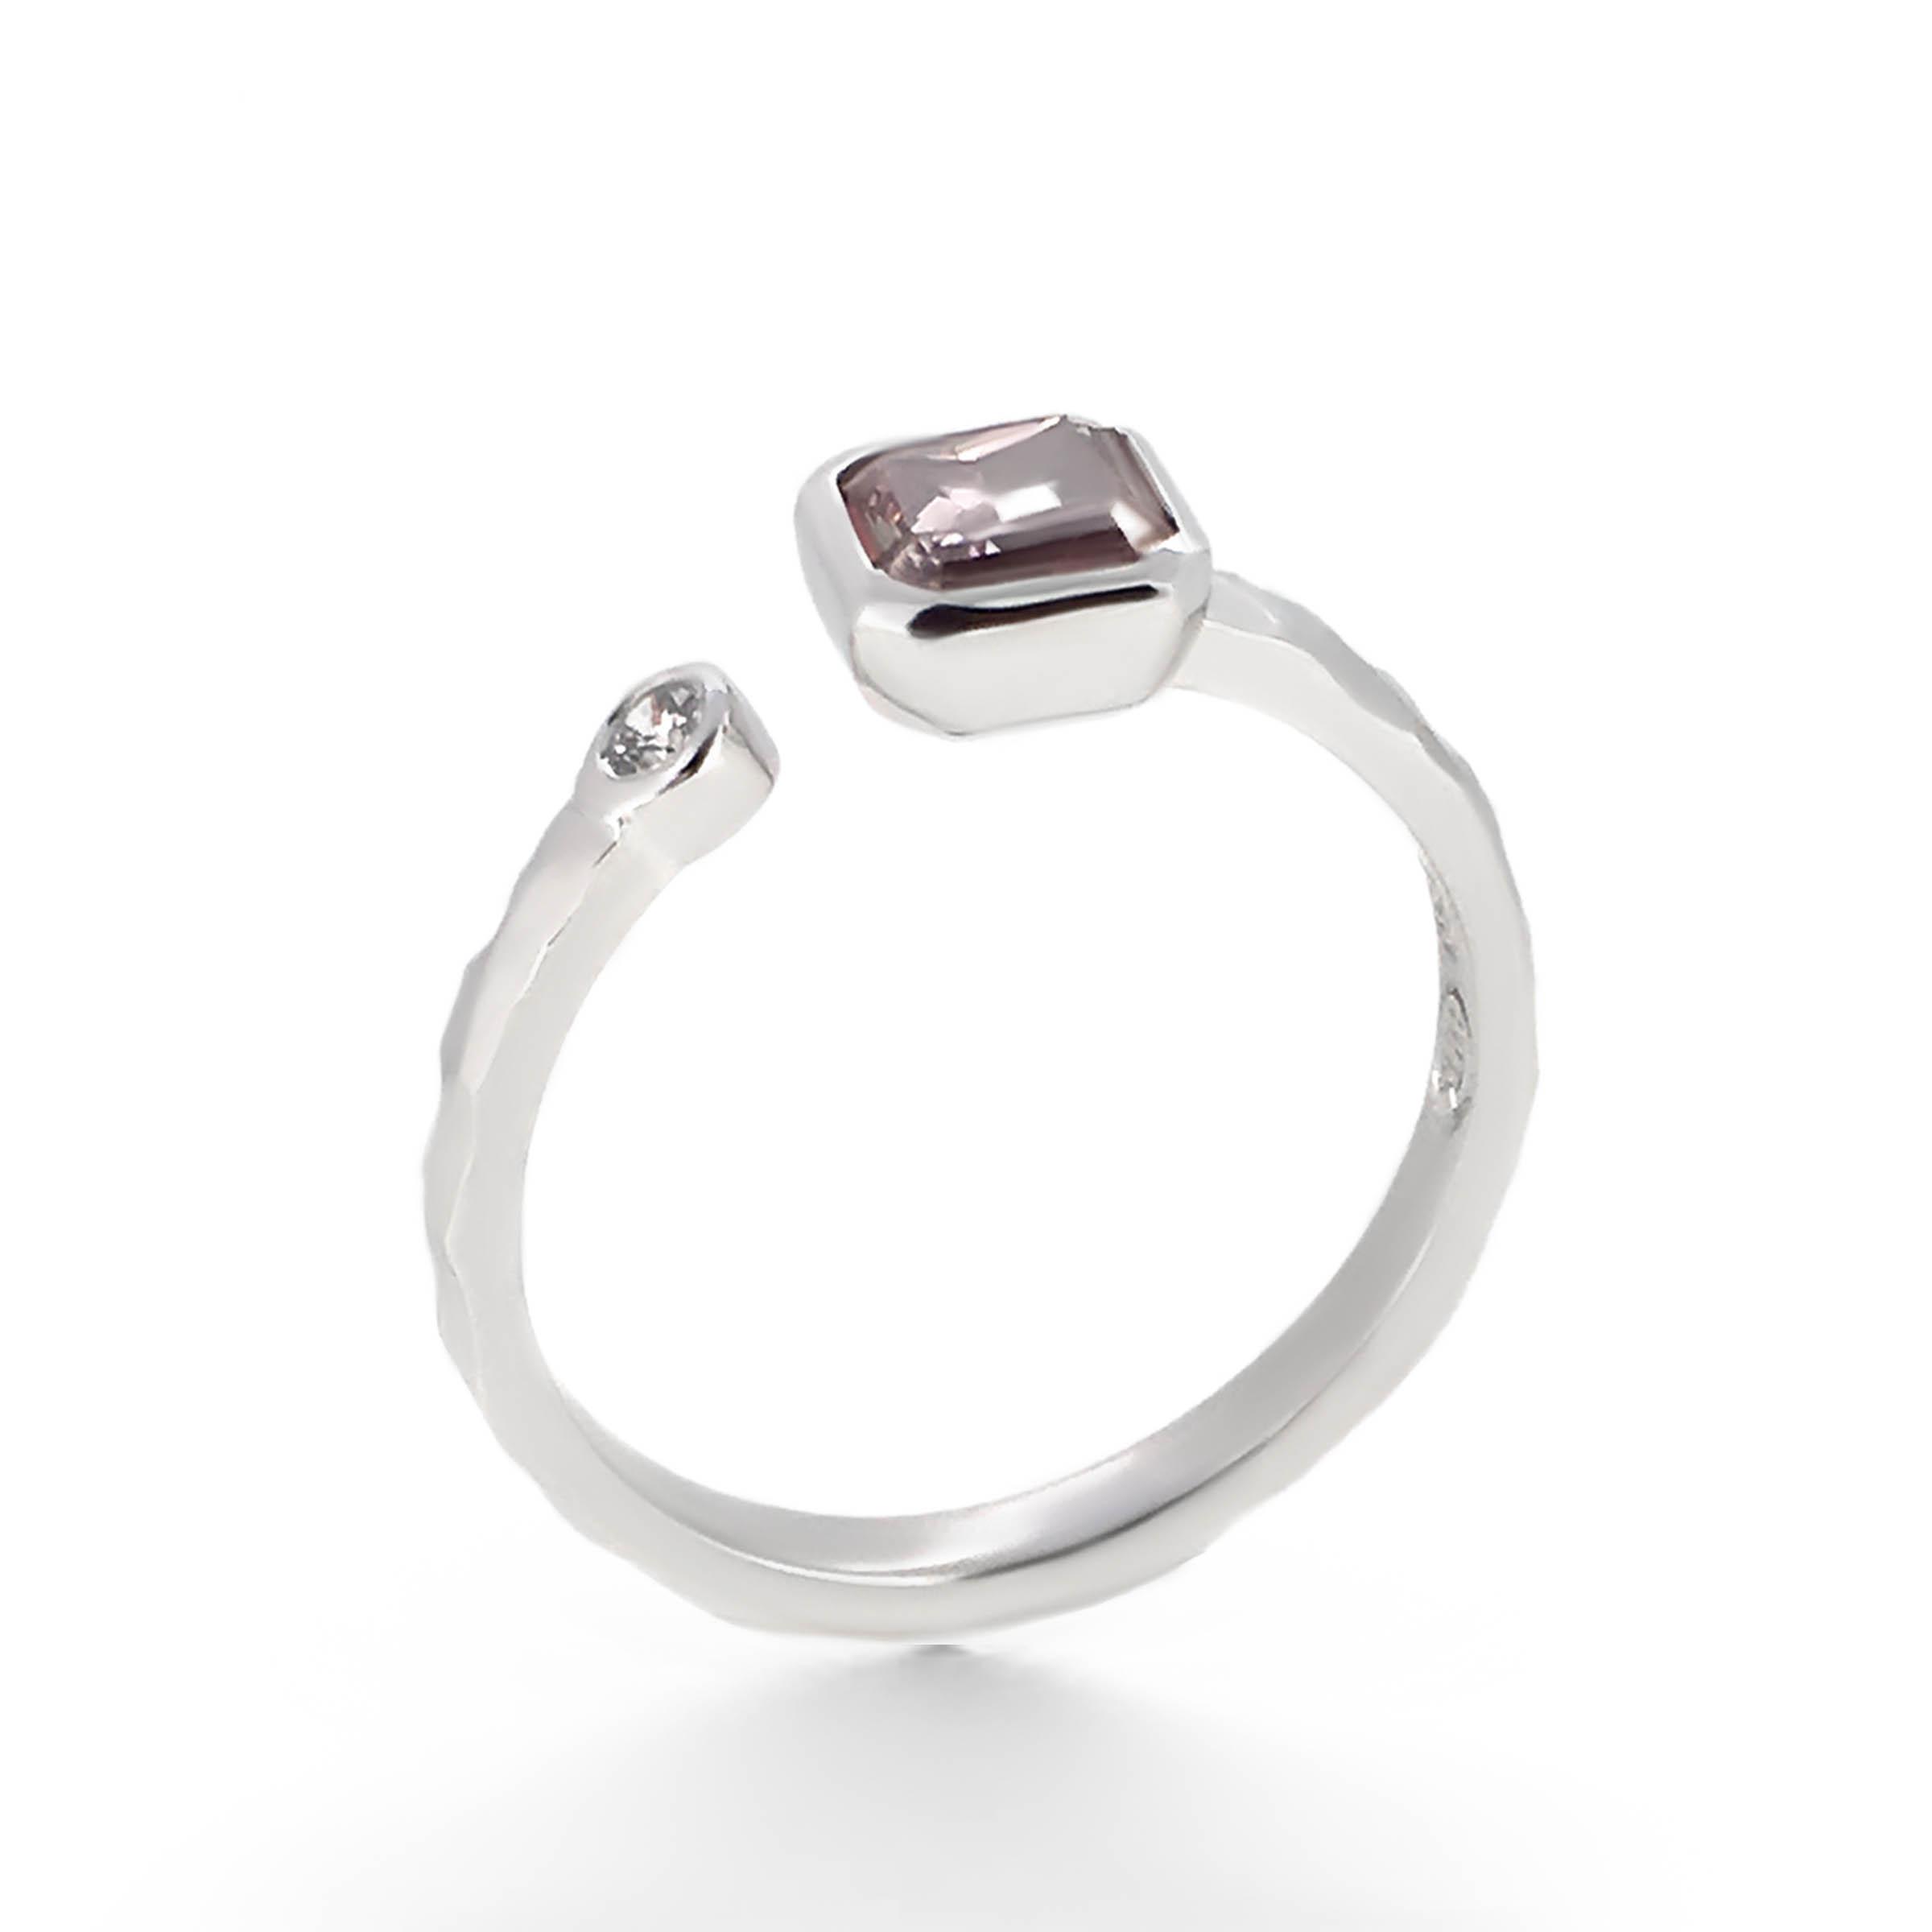 pink asscher cut diamond engagement ring- haywards of hong kong